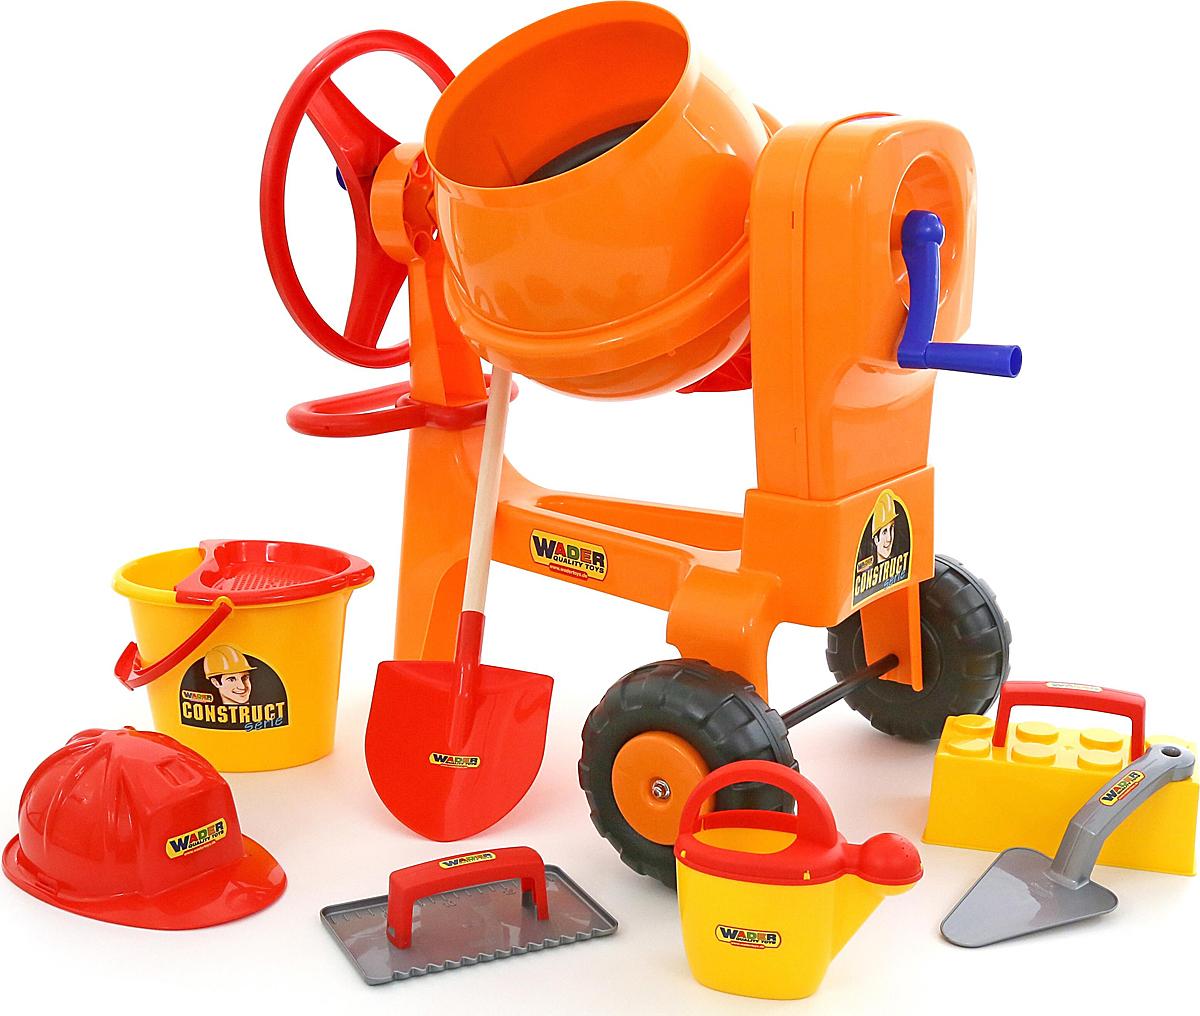 Полесье Бетономешалка Construct + набор игрушек для песочницы каменщика №7 Construct, цвет в ассортименте игрушка полесьенабор каменщика 5 construct 50199